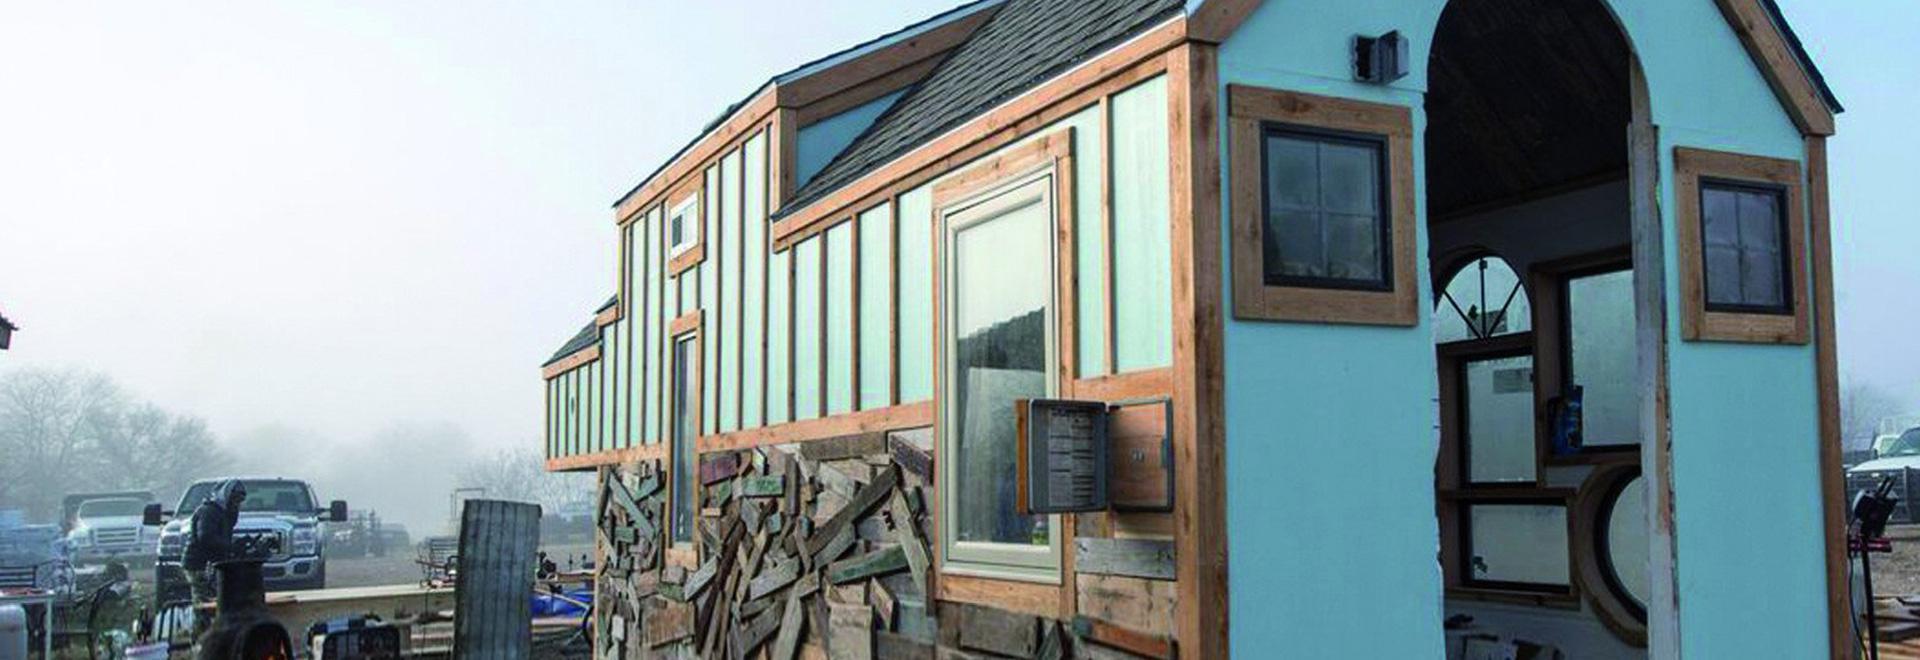 Tiny House - Piccole case per vivere in grande